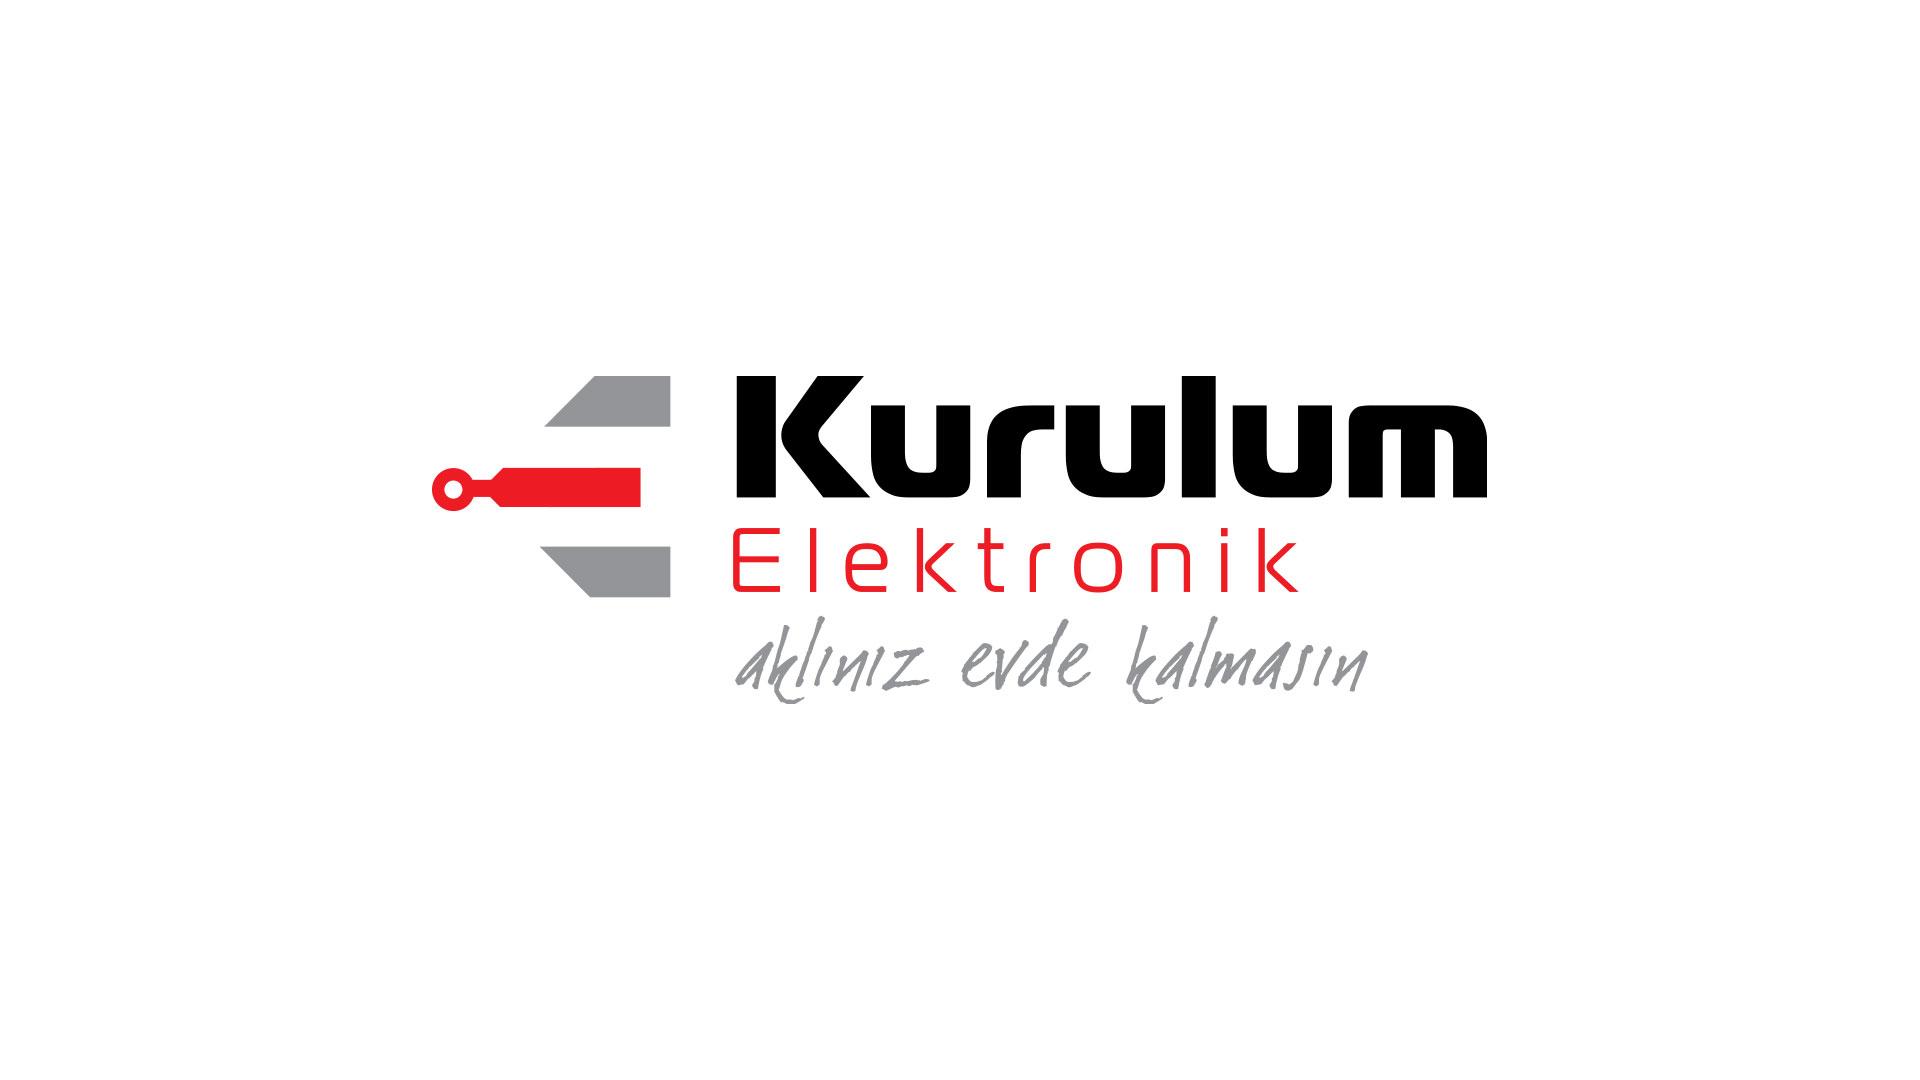 Kurulum Elektronik